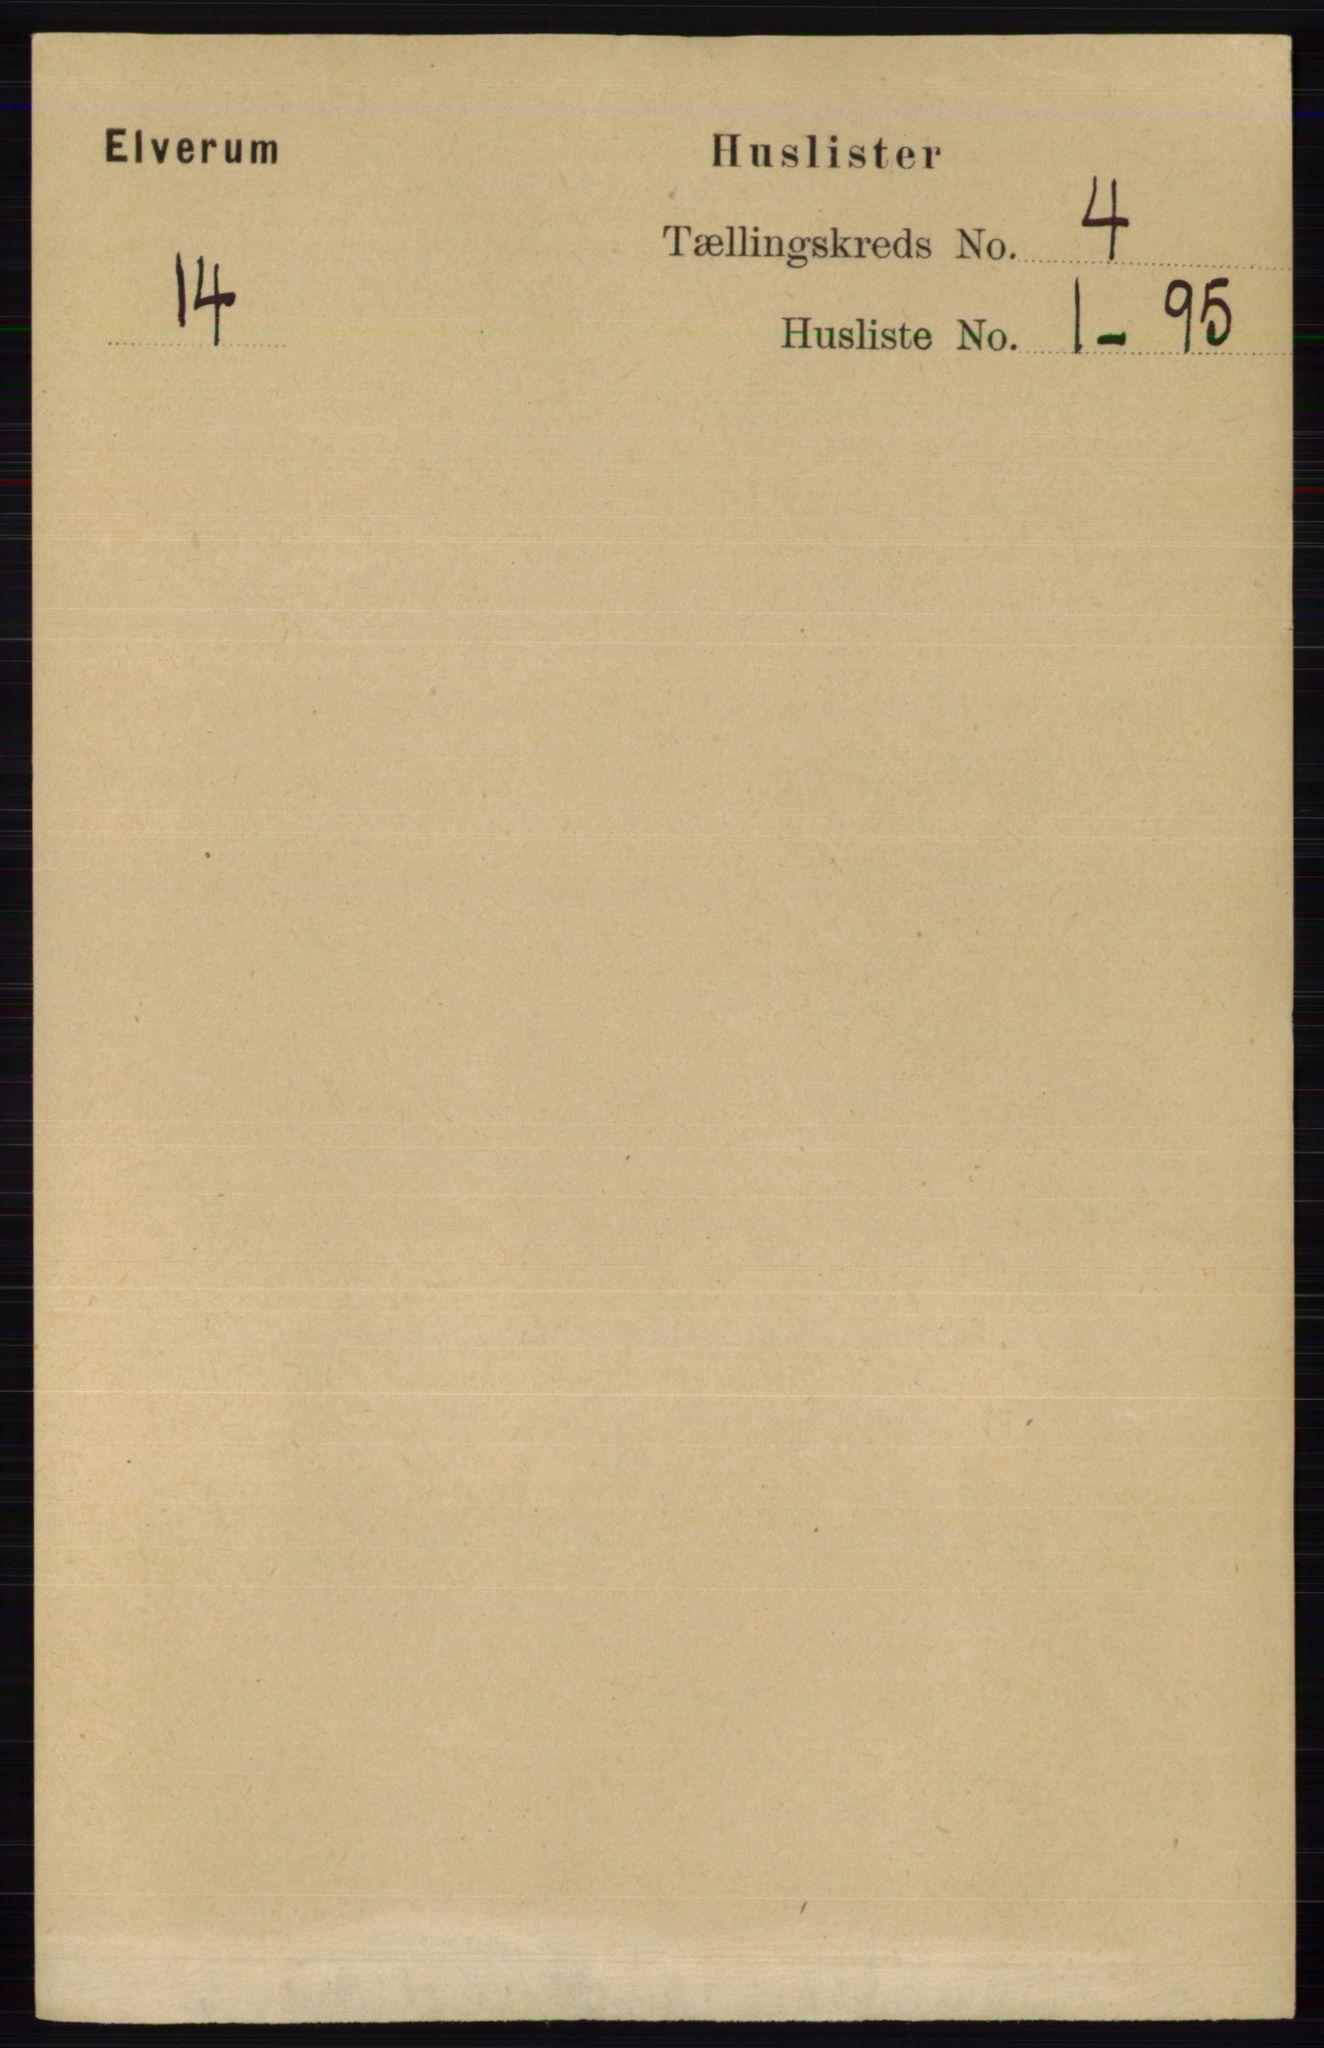 RA, Folketelling 1891 for 0427 Elverum herred, 1891, s. 2276